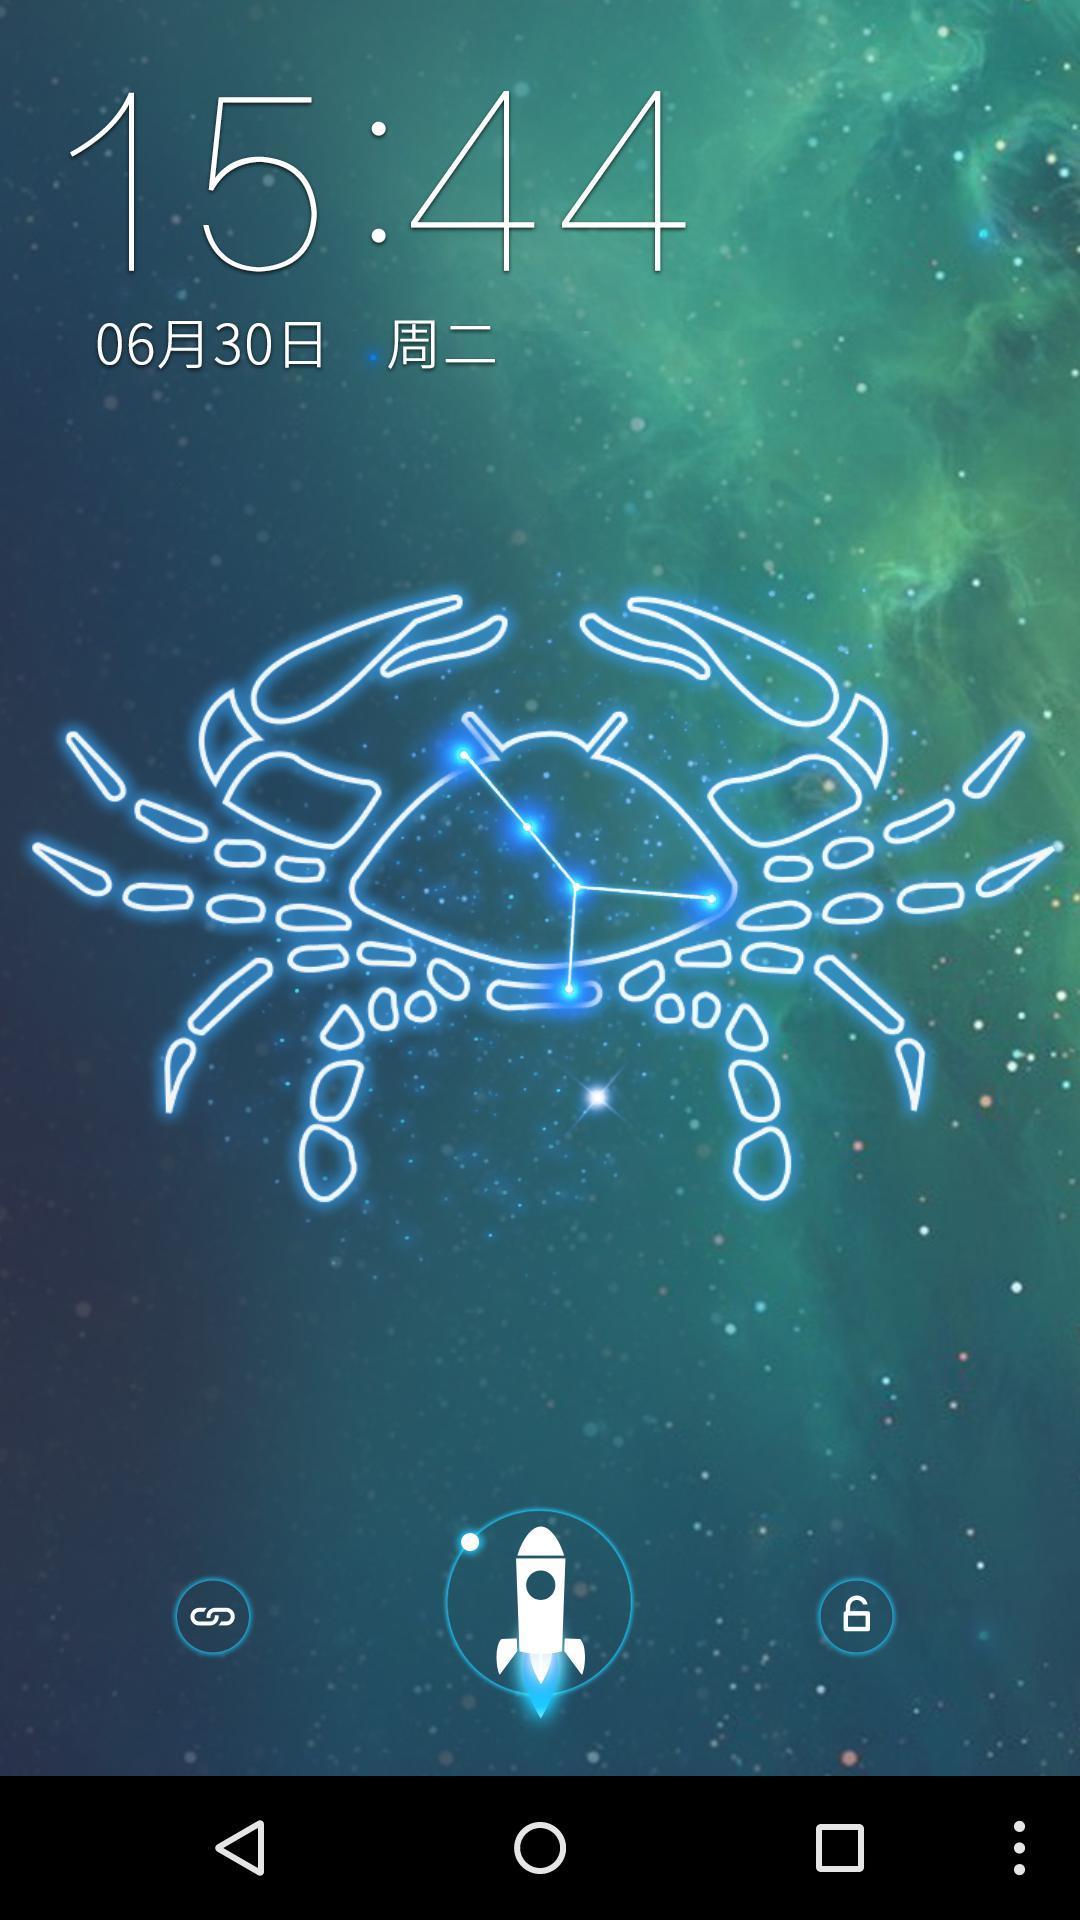 巨蟹座-梦象动态壁纸